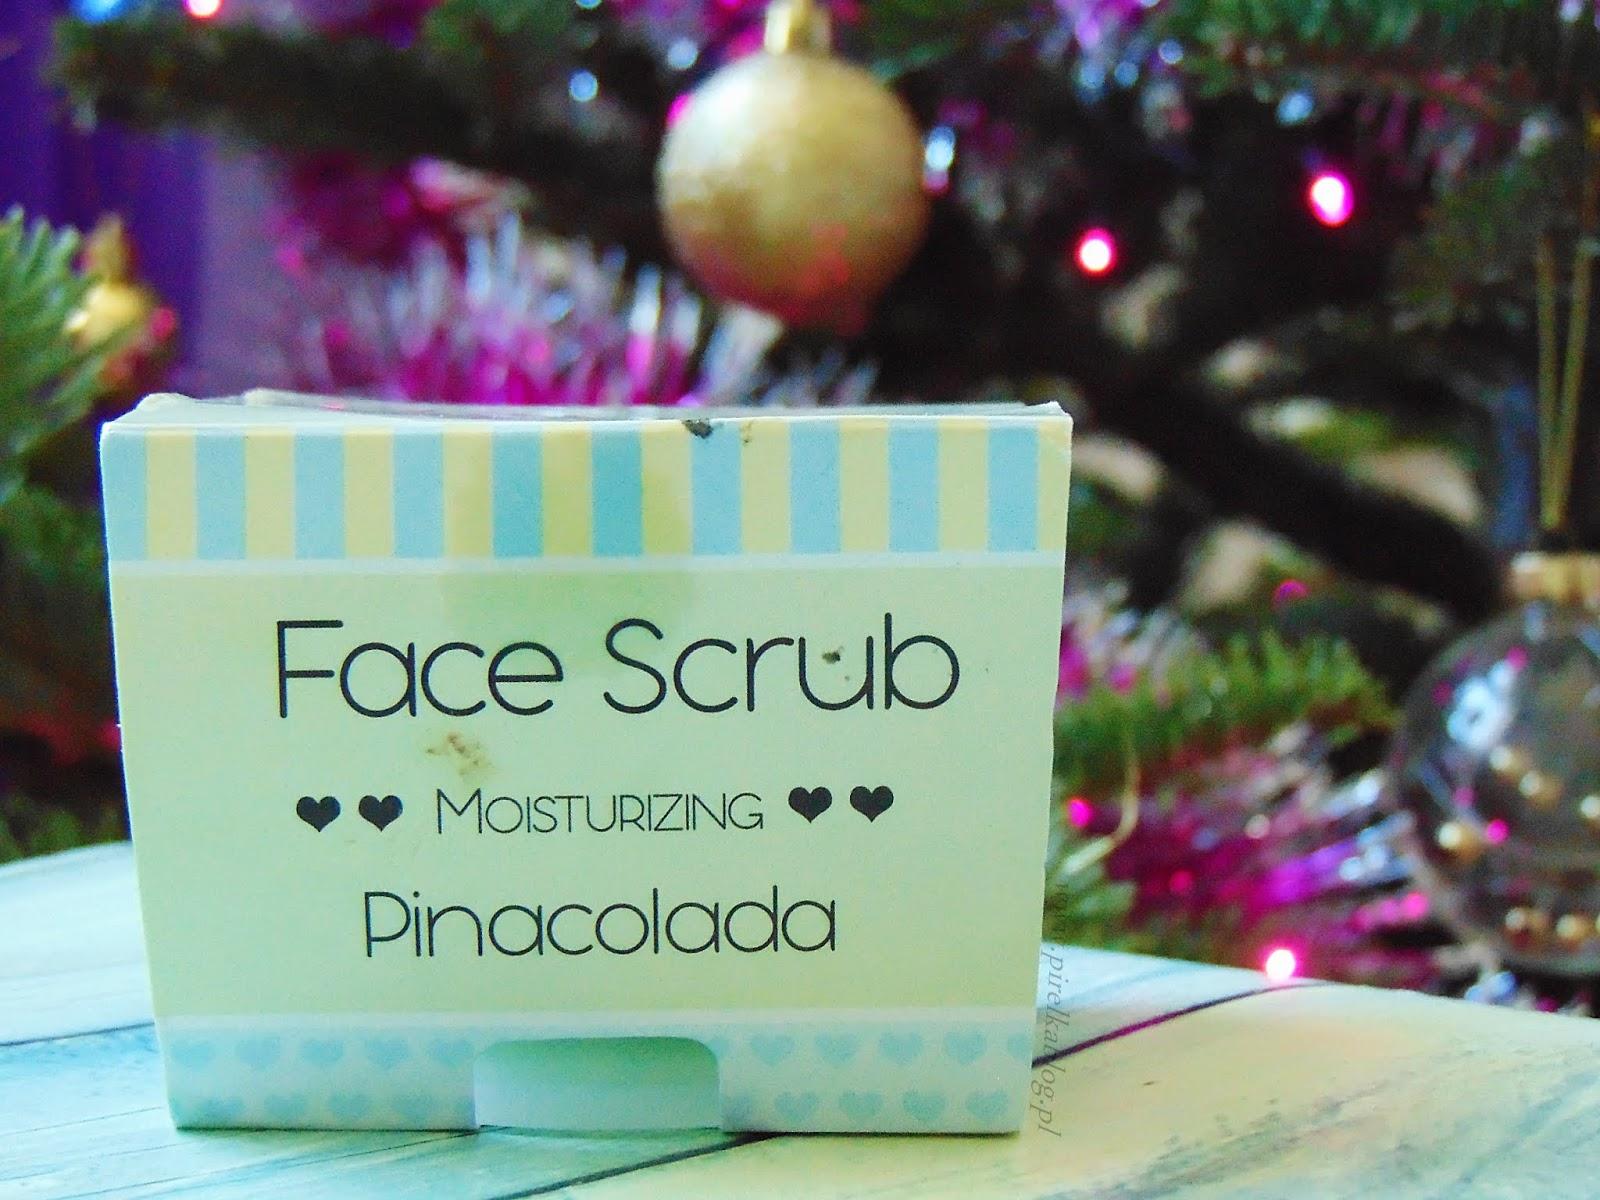 Nacomi, Nawilżający peeling do twarzy i ust o zapachu pinacolady